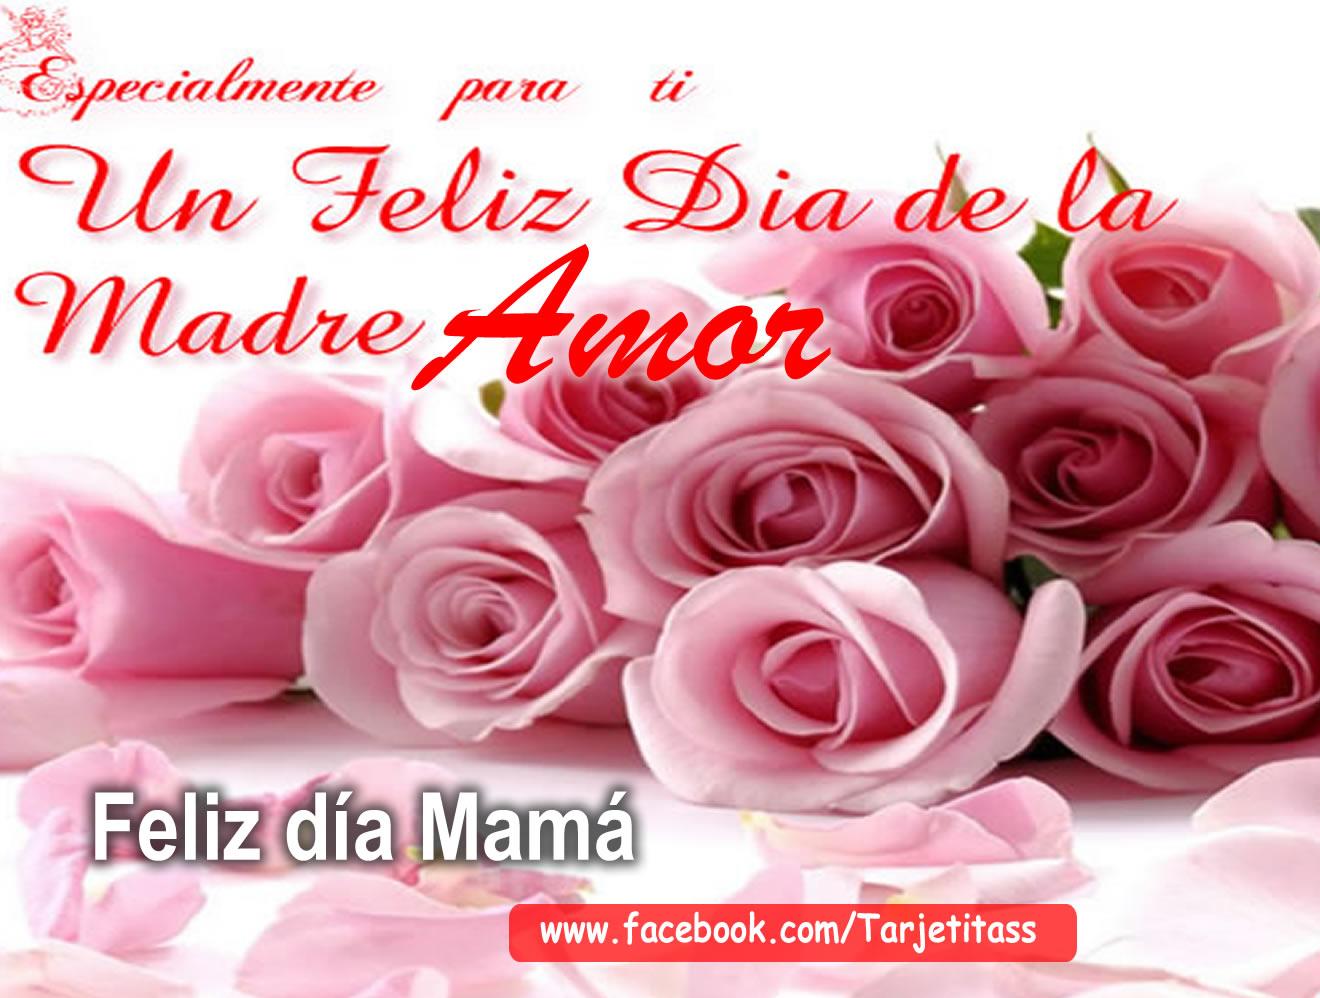 Mensajes Bonitos Para Mi Amiga Por El Día Madre Feliz Día